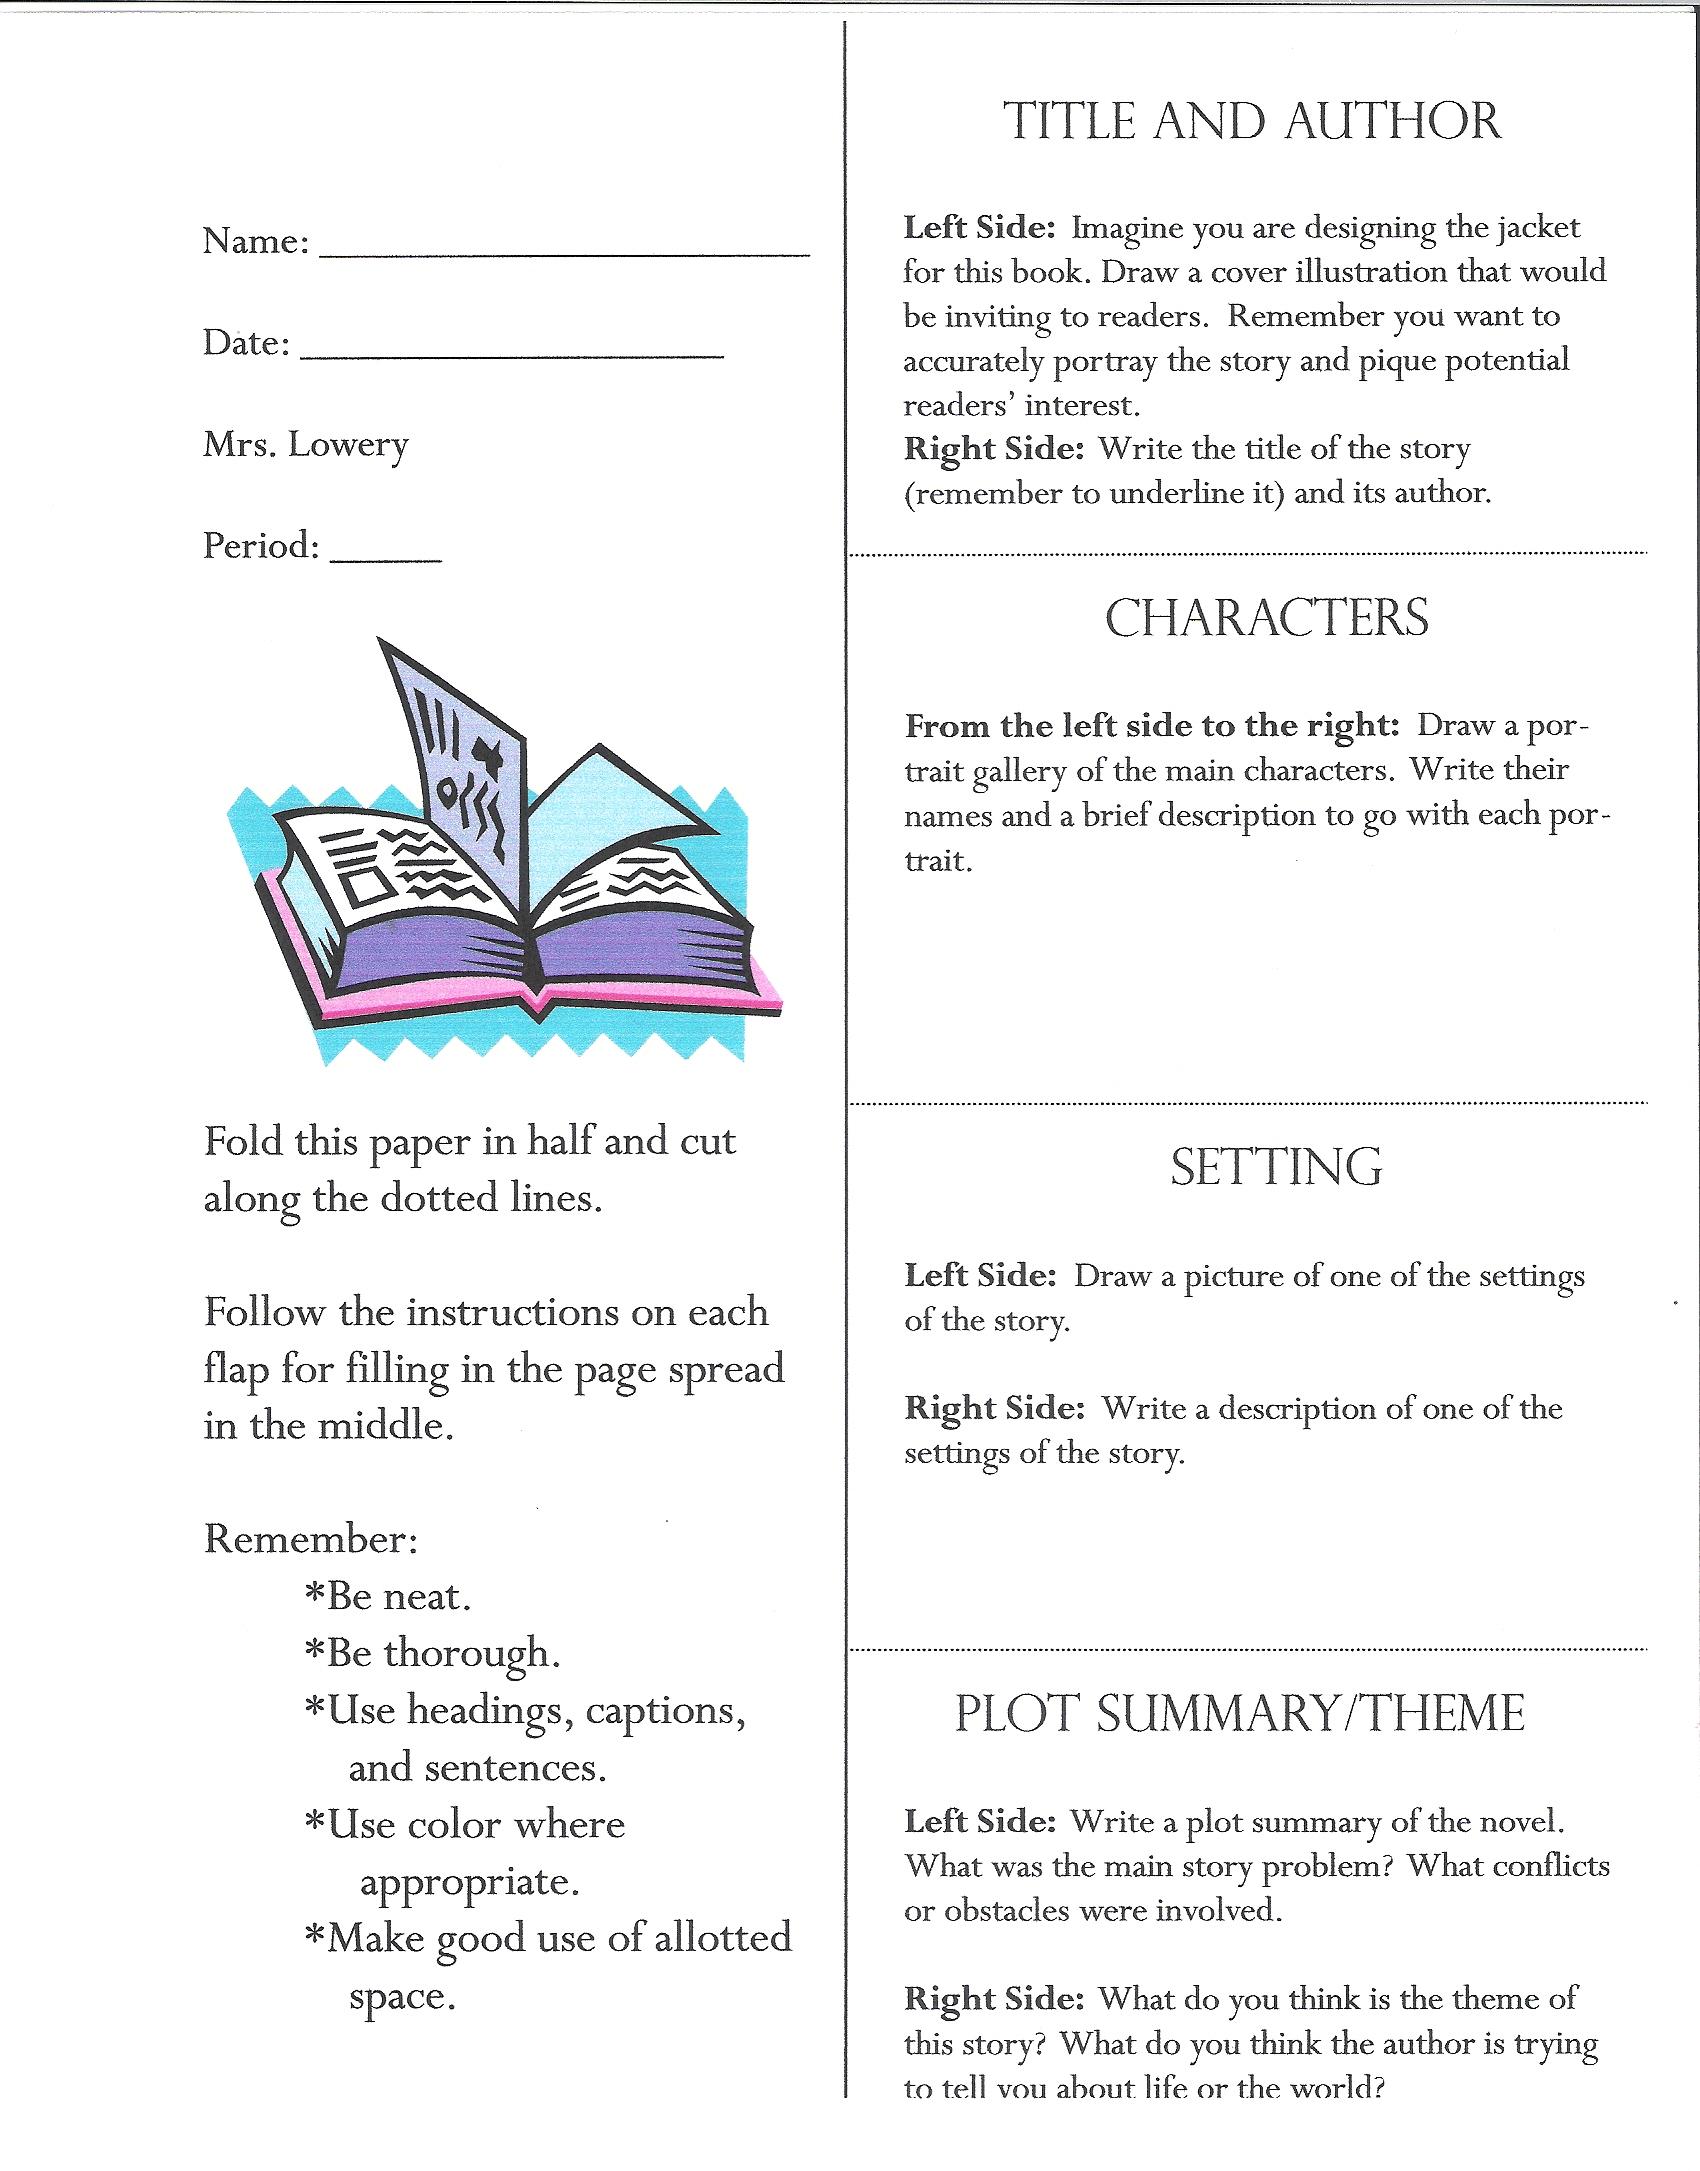 Resume San Diego Apu Top Best Essay Editing Websites Au